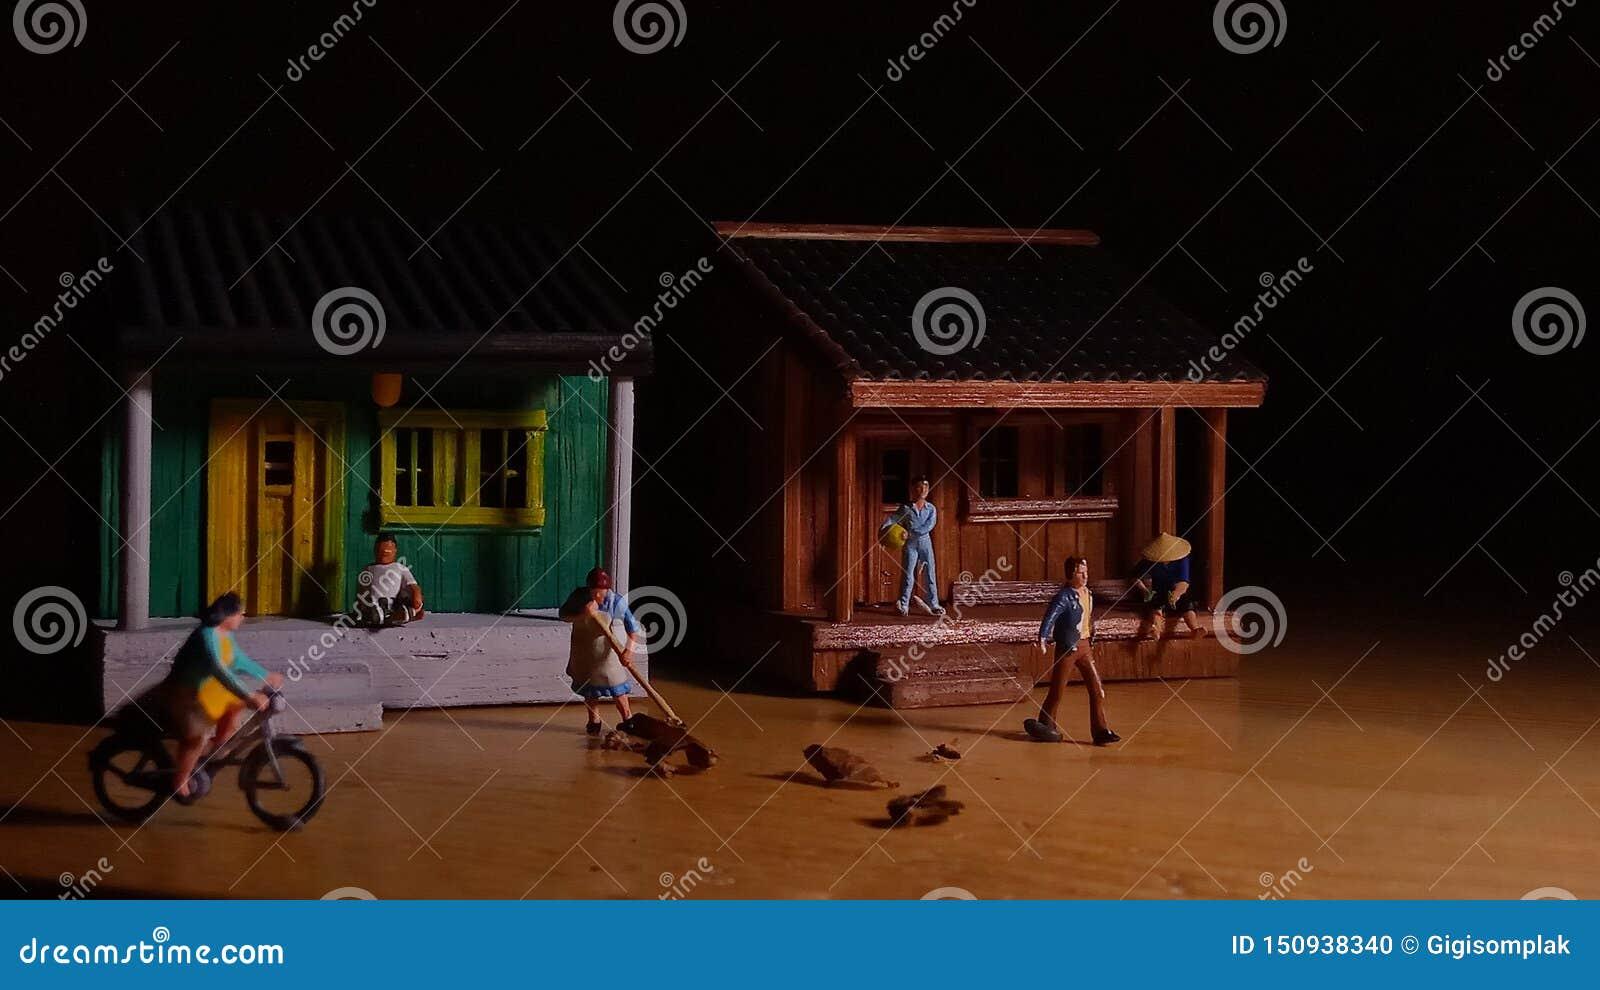 Eenvoudige Foto Conceptueel, Village People-begin aan het doen van activiteit in de zeer vroege ochtend